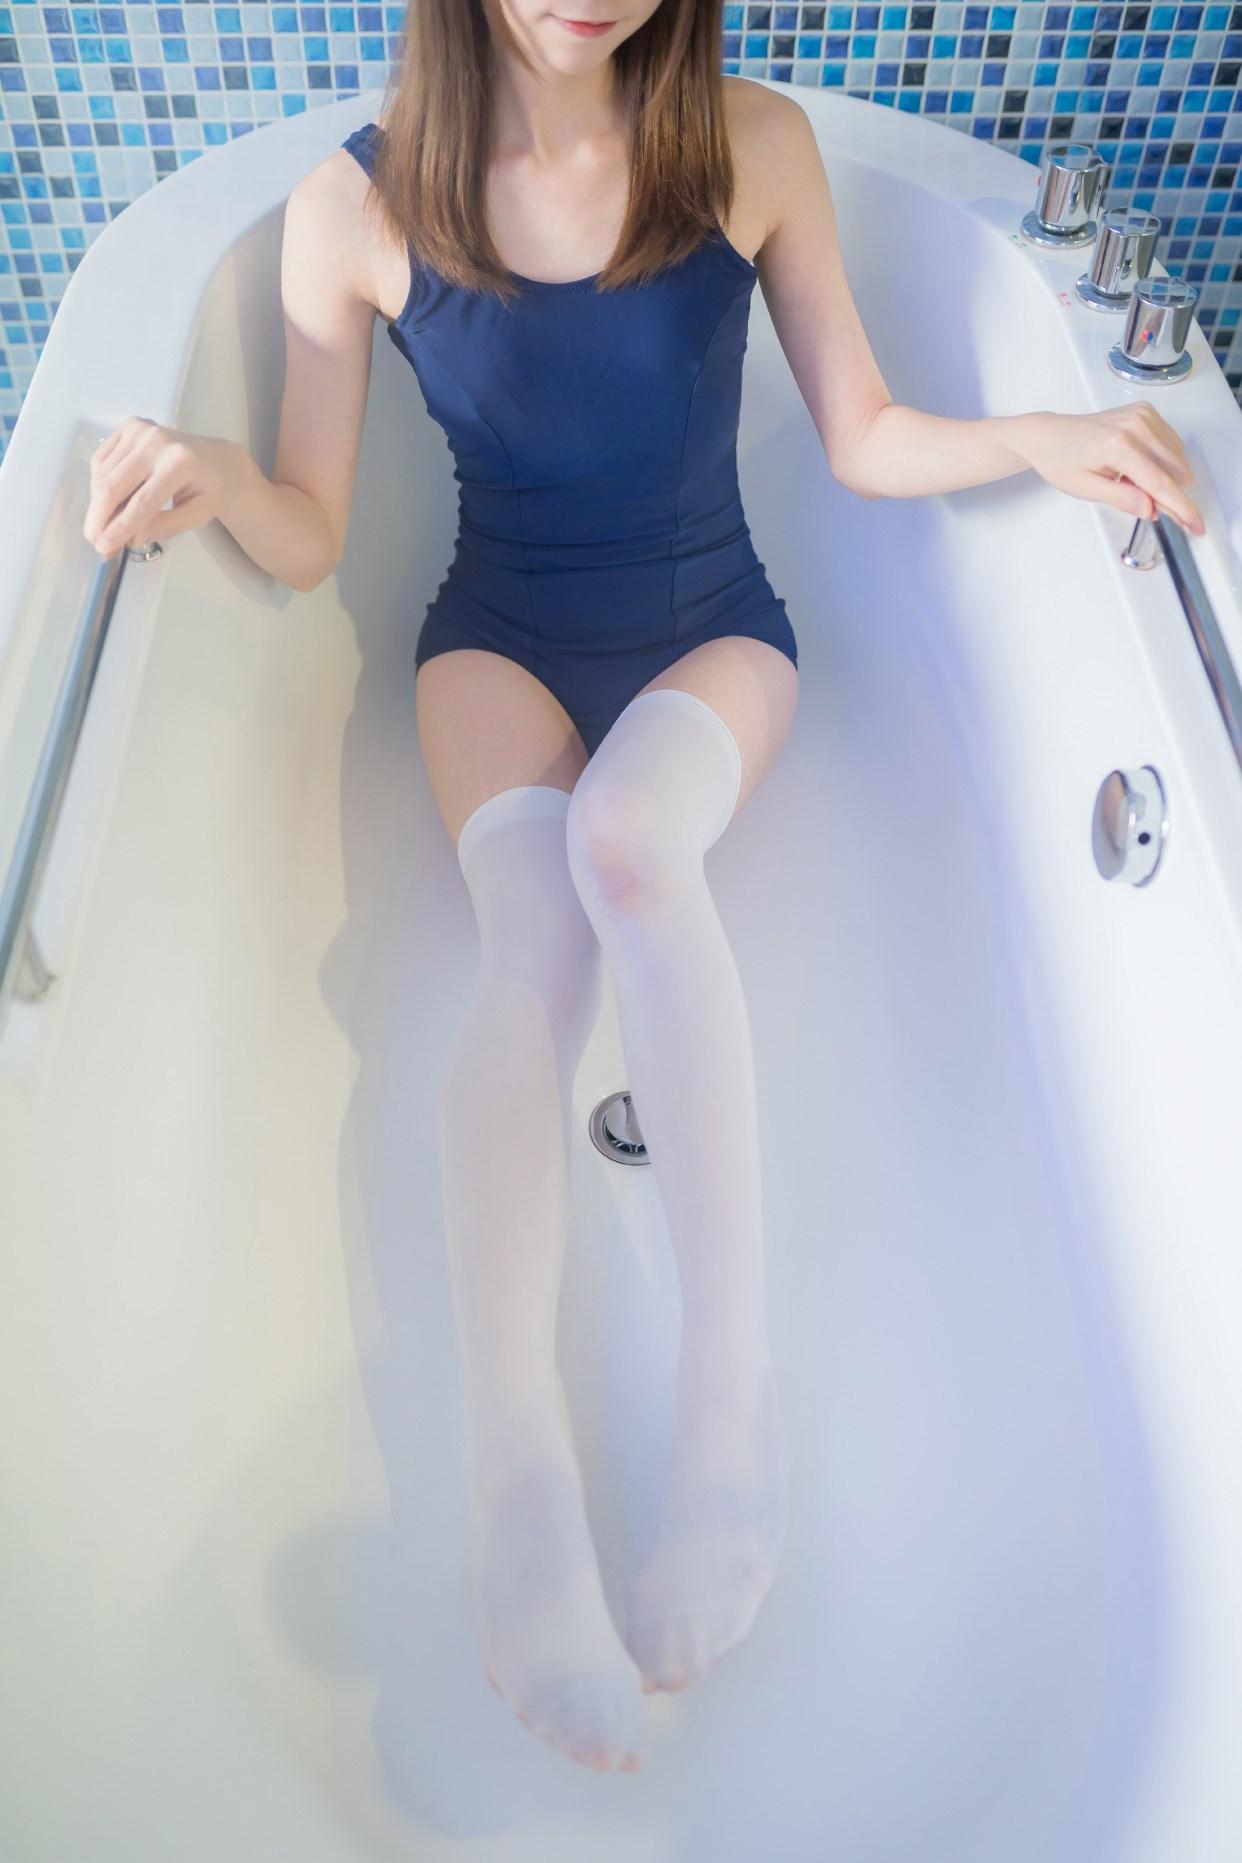 【兔玩映画】vol.18-浴室里 兔玩映画 第7张